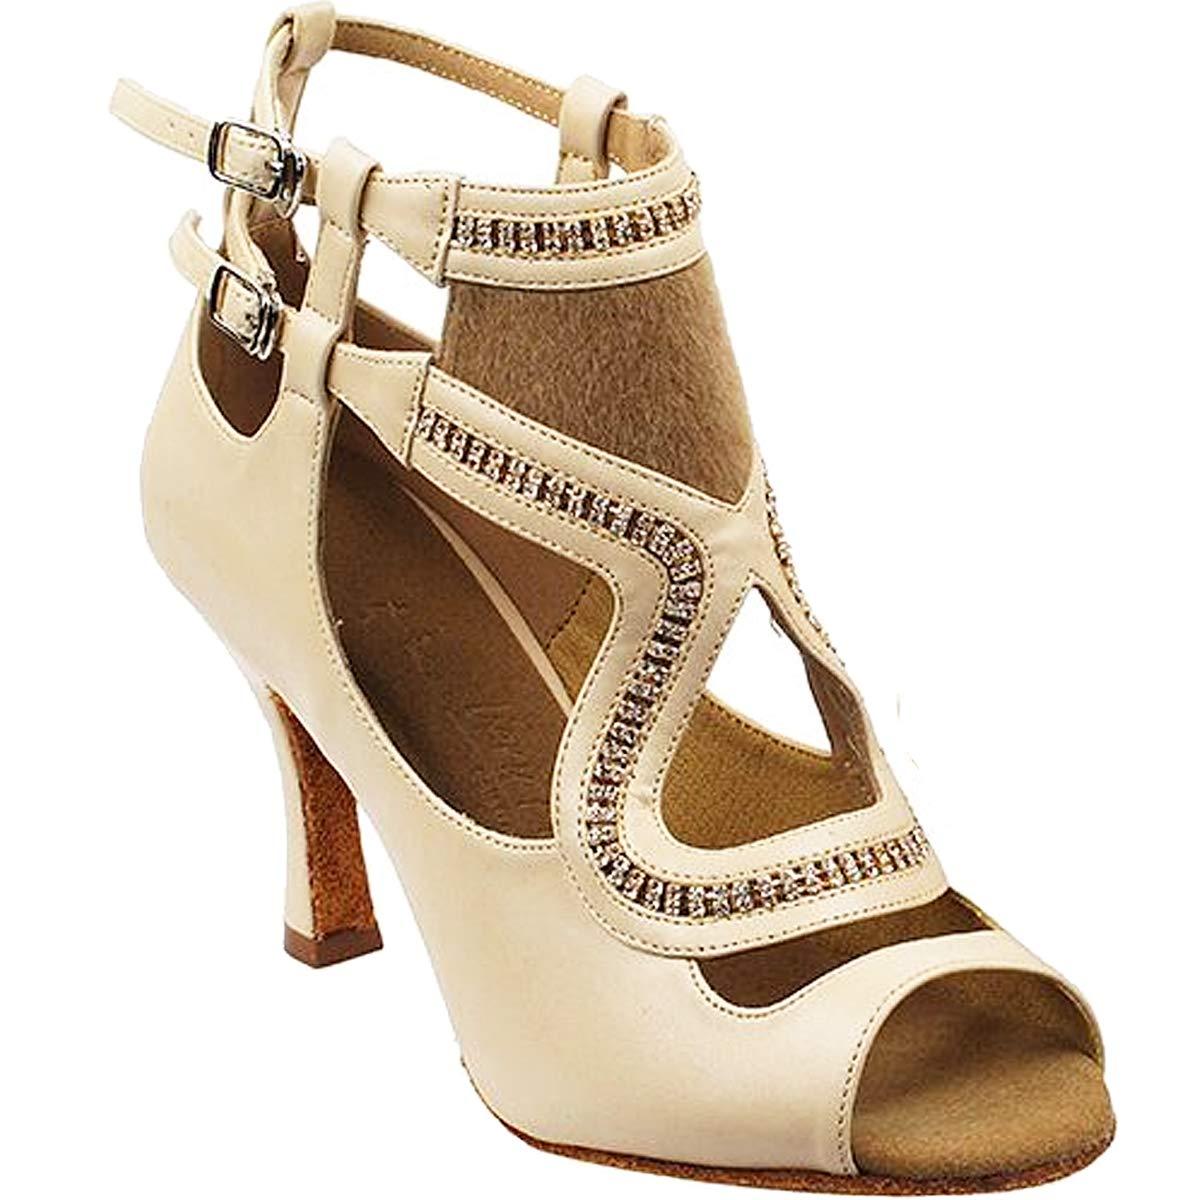 レディース社交ダンスシューズウェディングサルサタンゴ靴sera7018eb comfortable-very Fine 3